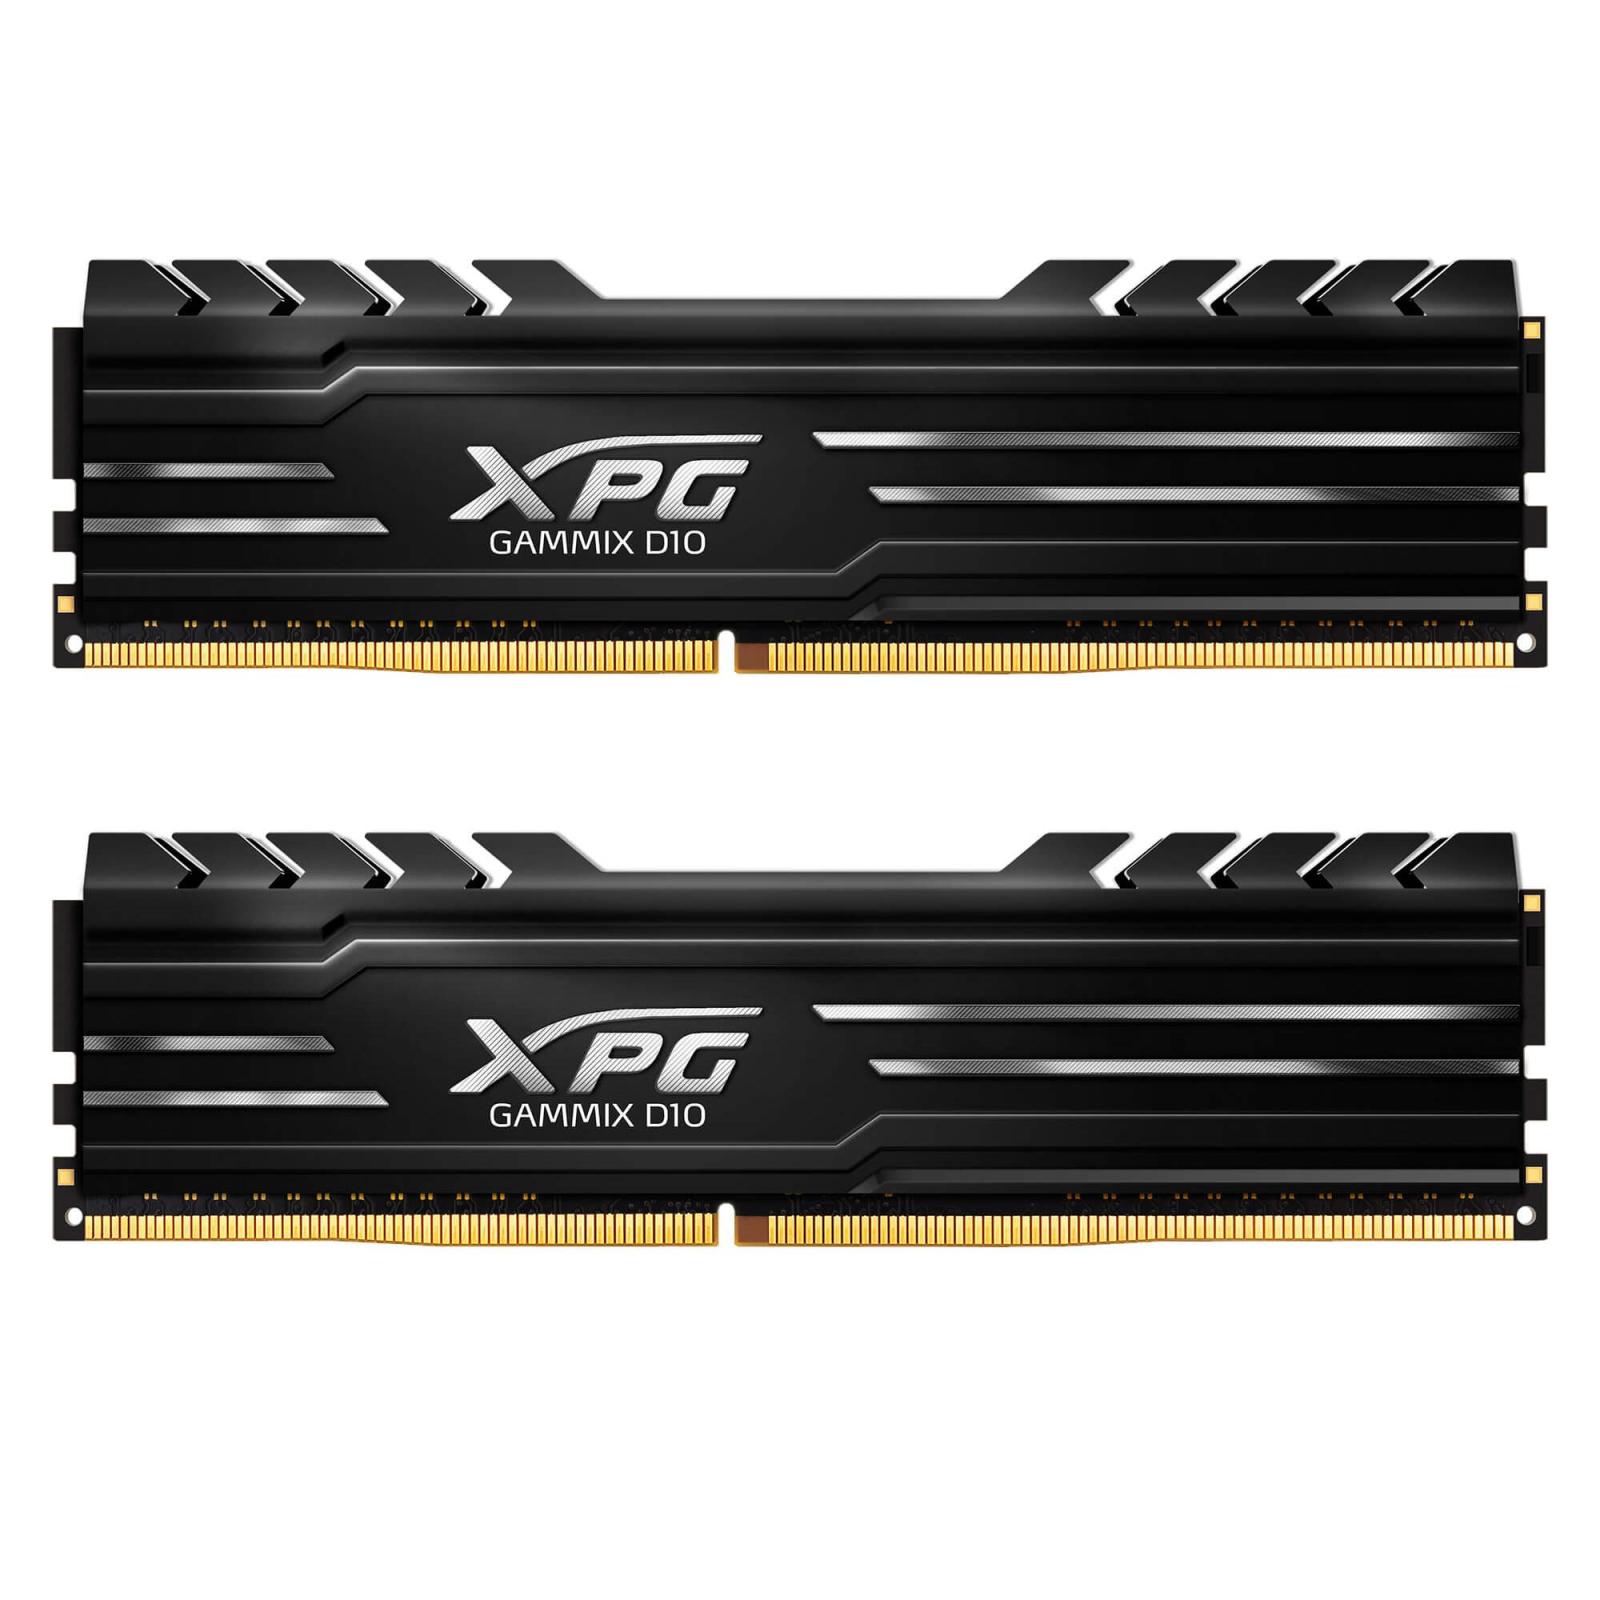 Модуль памяти для компьютера DDR4 8GB (2x4GB) 2666 MHz XPG Gammix D10 Black ADATA (AX4U2666W4G16-DBG)